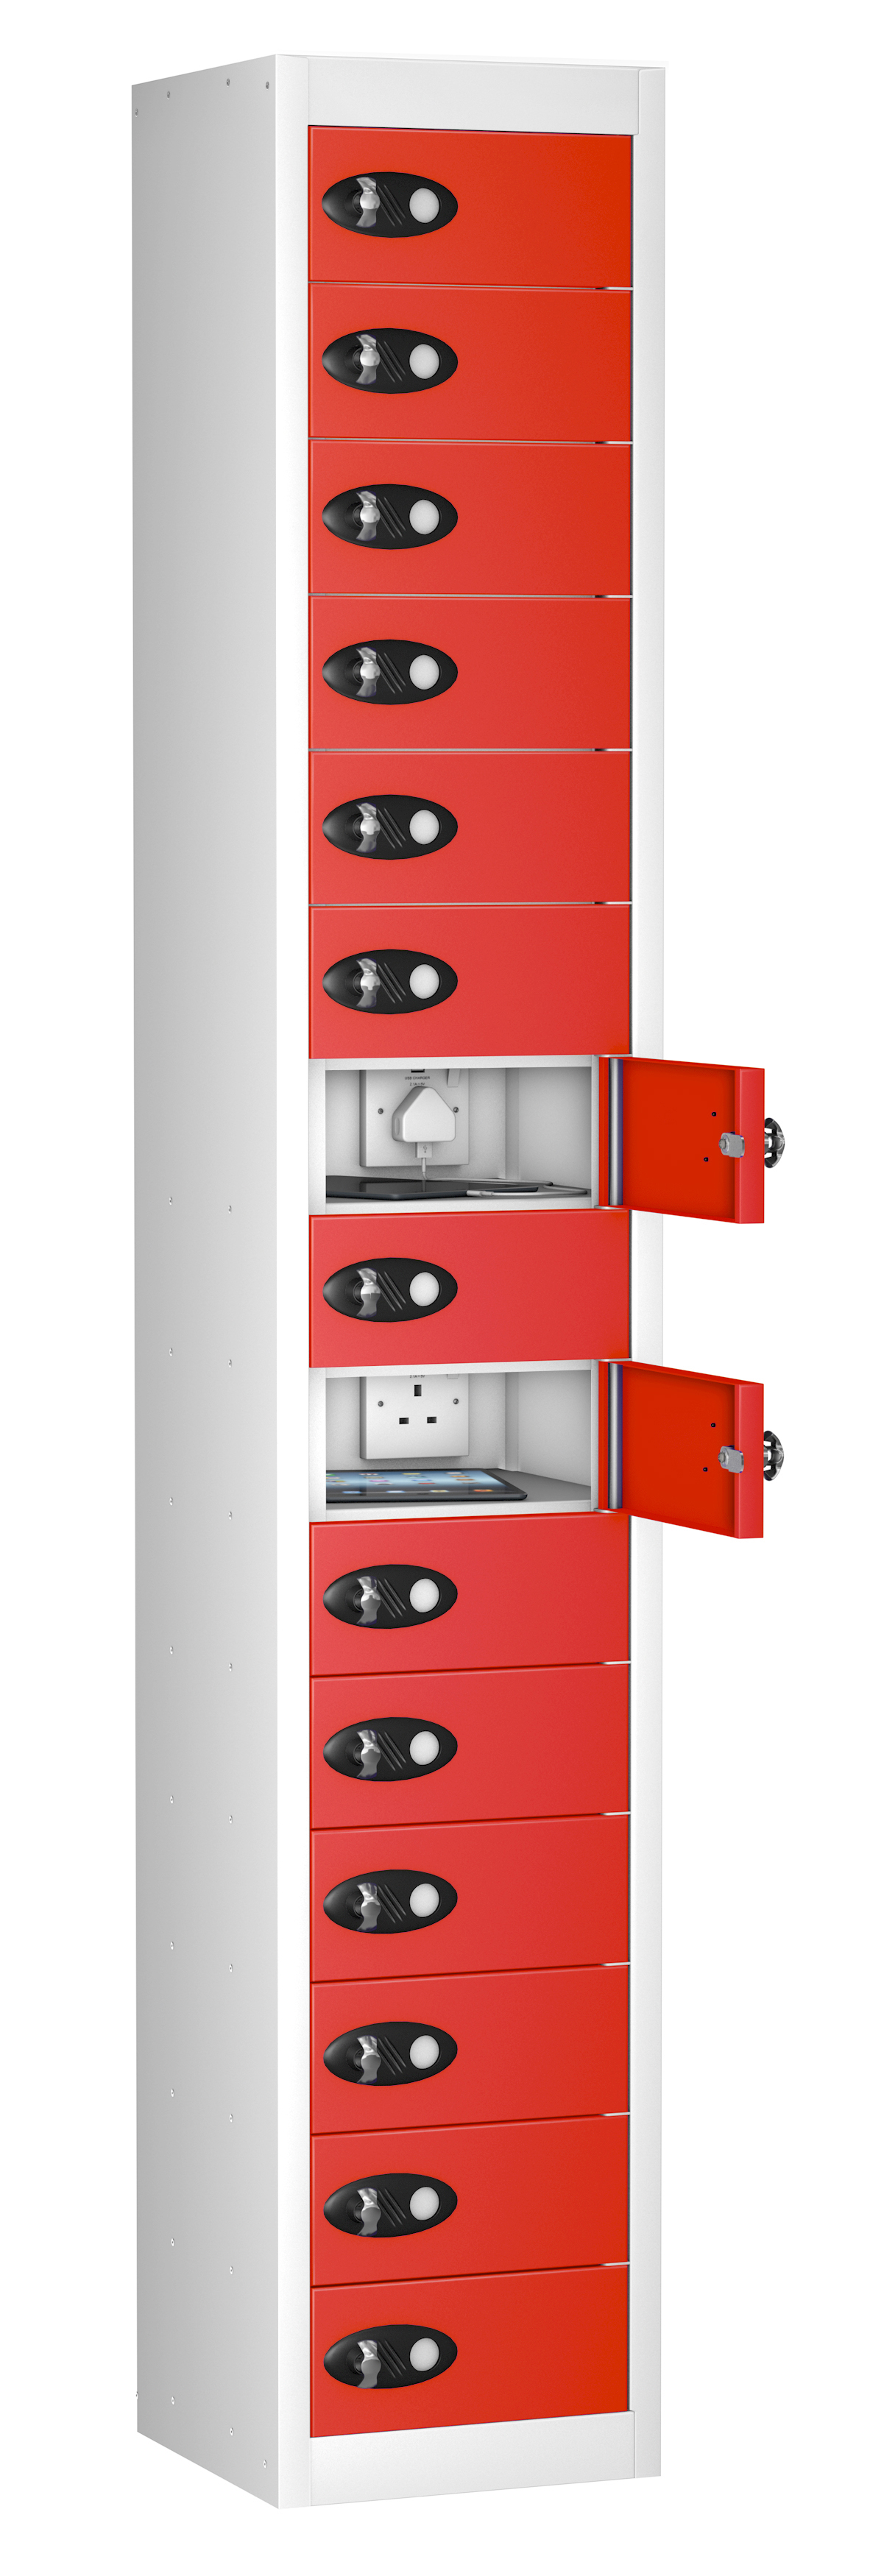 Mobile Phone Locker 15 Doors (Charging)